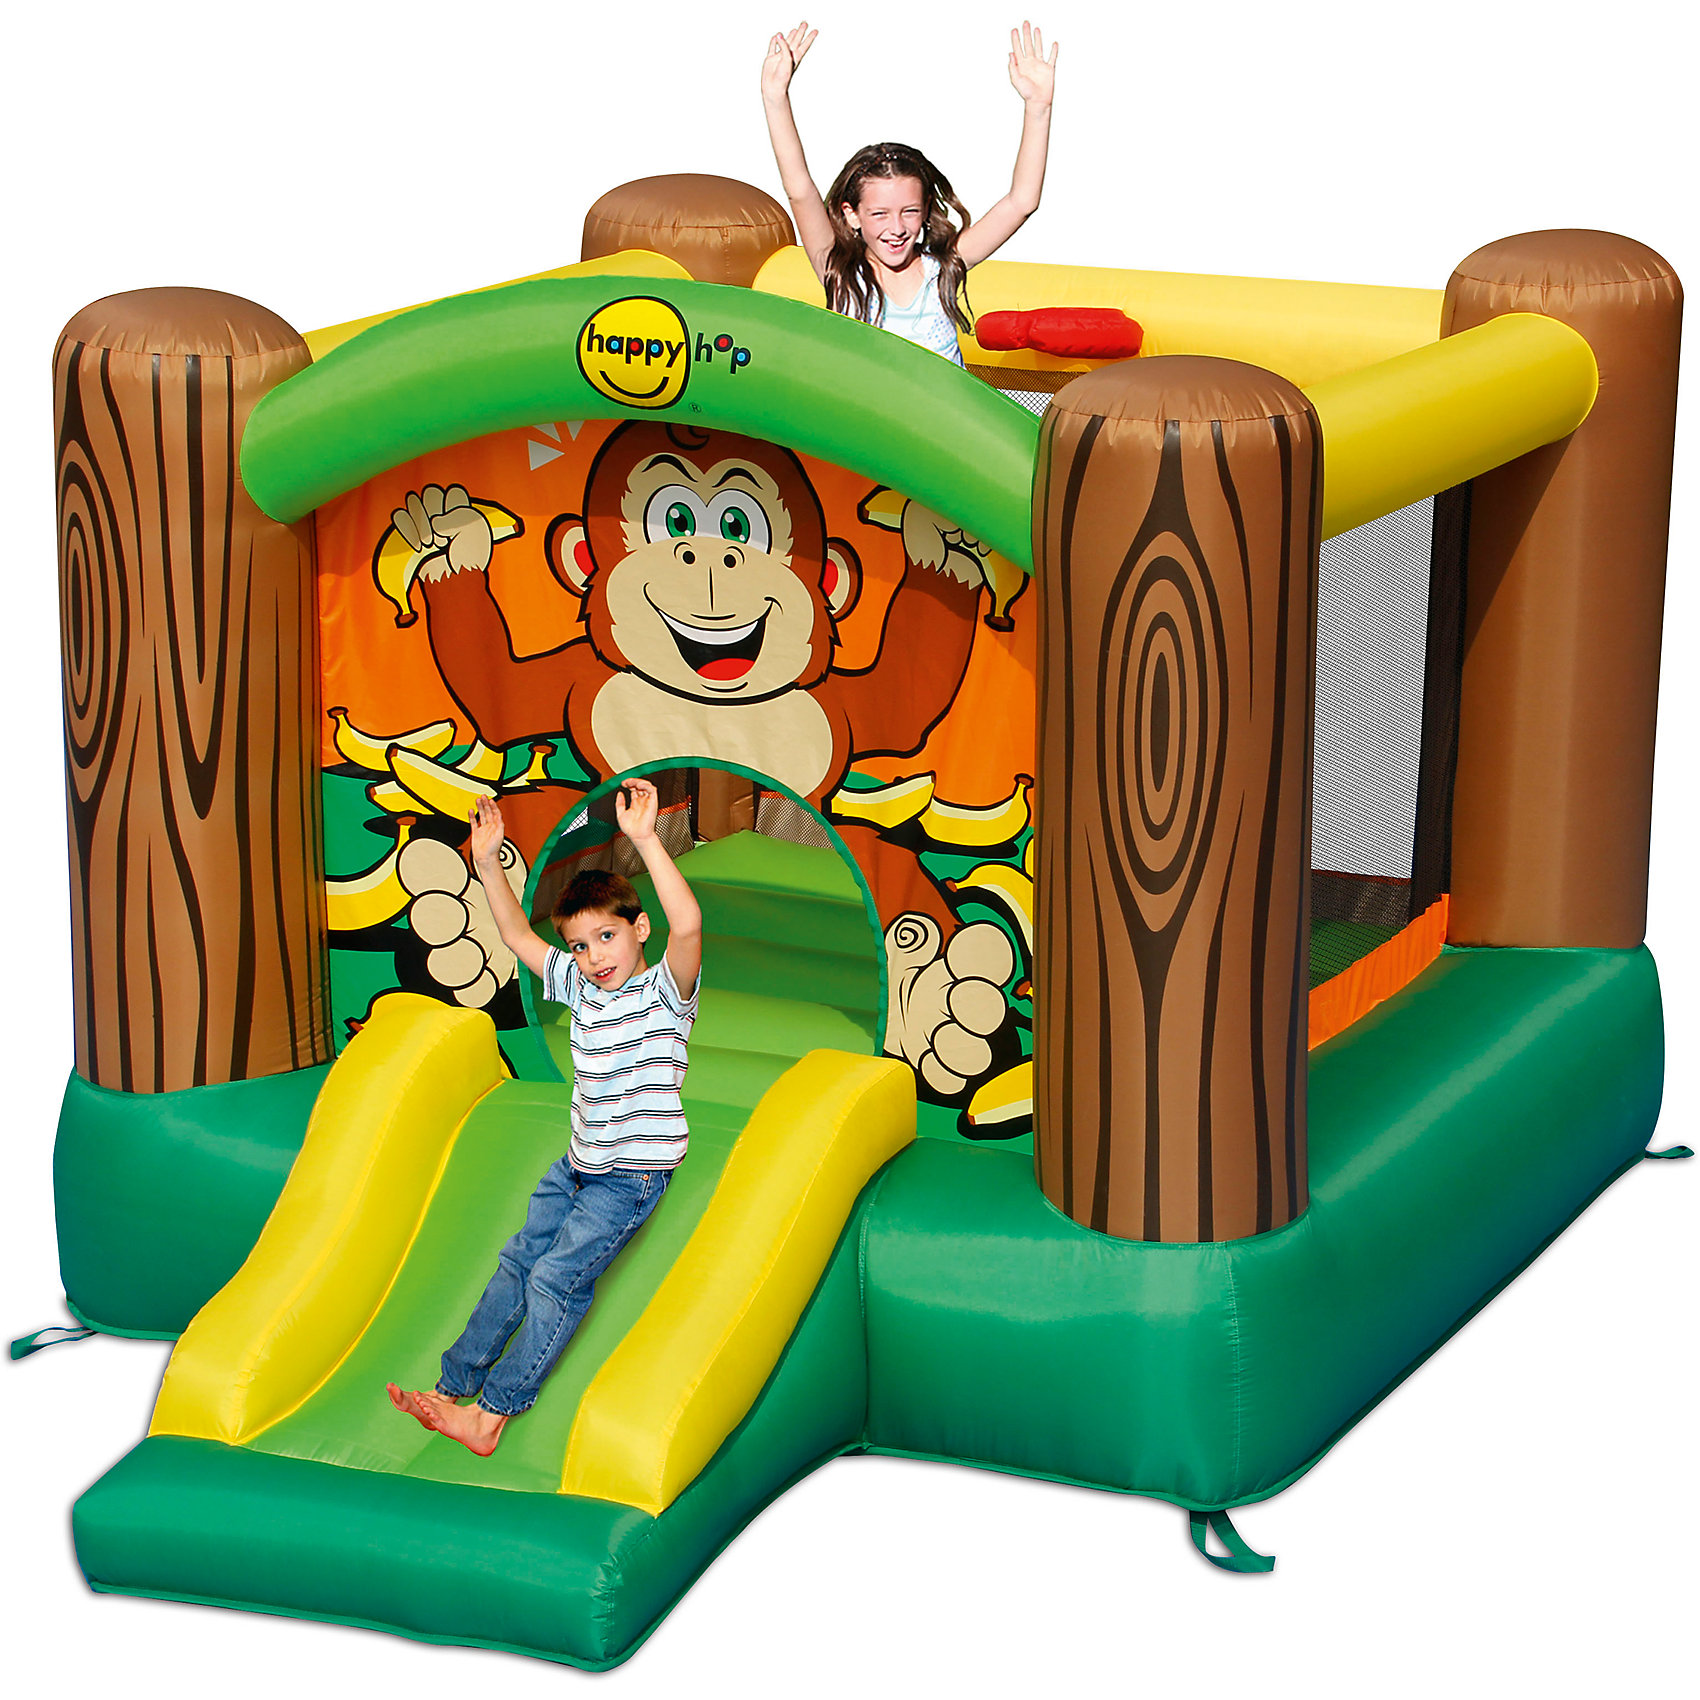 Надувной батут с горкой Дружба, Happy HopБатуты<br>Характеристики:<br><br>• возраст ребенка: от 3 до 10 лет;<br>• рост ребенка: 90-150 см;<br>• вес одного ребенка: до 45 кг;<br>• количество играющих одновременно детей: 2;<br>• максимальный вес: 90 кг (при этом вес каждого ребенка не должен превышать 45 кг).<br><br>Размеры:<br><br>• размер игрового комплекса: 300х225х175 см;<br>• размер батута: 225х218 см;<br>• высота основания батута: 40 см;<br>• высота прыжковой поверхности: 154х149 см;<br>• размер горки: 85х80 см;<br>• ширина скользящей поверхности: 55 см;<br>• высота защитной сетки-ограждения: 120 см;<br>• прочность батута на растяжение: до 136 кг;<br>• прочность на разрыв: до 14 кг;<br>• прочность на соединение: до 27 кг;<br>• диапазон температур для батута: от -10 до +40 градусов;<br>• диапазон температур для насоса: от -15 до +40 градусов;<br>• размер упаковки: 38х38х53 см;<br>• вес в упаковке: 13,5 кг.<br><br>Дополнительная информация:<br><br>• материал: ламинированный ПВХ, ламинированная ткань Оксфорд;<br>• плотность: ПВХ 360 г/м2, ткани Оксфорд 215 г/м2;<br>• материал застежек: лавсан;<br>• крепеж к земле: пластик;<br>• технология изготовления продукции: машинное сшивание путем соединения тканей ПВХ и Оксфорд.<br><br>Меры предосторожности:<br><br>• использование: установка на открытом воздухе;<br>• только для бытового применения;<br>• при установке батута, изделие обязательно следует крепить пластиковыми кольями к земле.<br><br>Рекомендации от производителя: в течение всего времени использования продукции HAPPY HOP необходимо поддерживать подачу воздуха и обеспечивать непрерывную работу насоса. <br><br>Надувной батут с горкой Дружба, Happy Hop можно купить в нашем интернет-магазине.<br><br>Ширина мм: 620<br>Глубина мм: 320<br>Высота мм: 370<br>Вес г: 14500<br>Возраст от месяцев: 36<br>Возраст до месяцев: 120<br>Пол: Унисекс<br>Возраст: Детский<br>SKU: 5530638